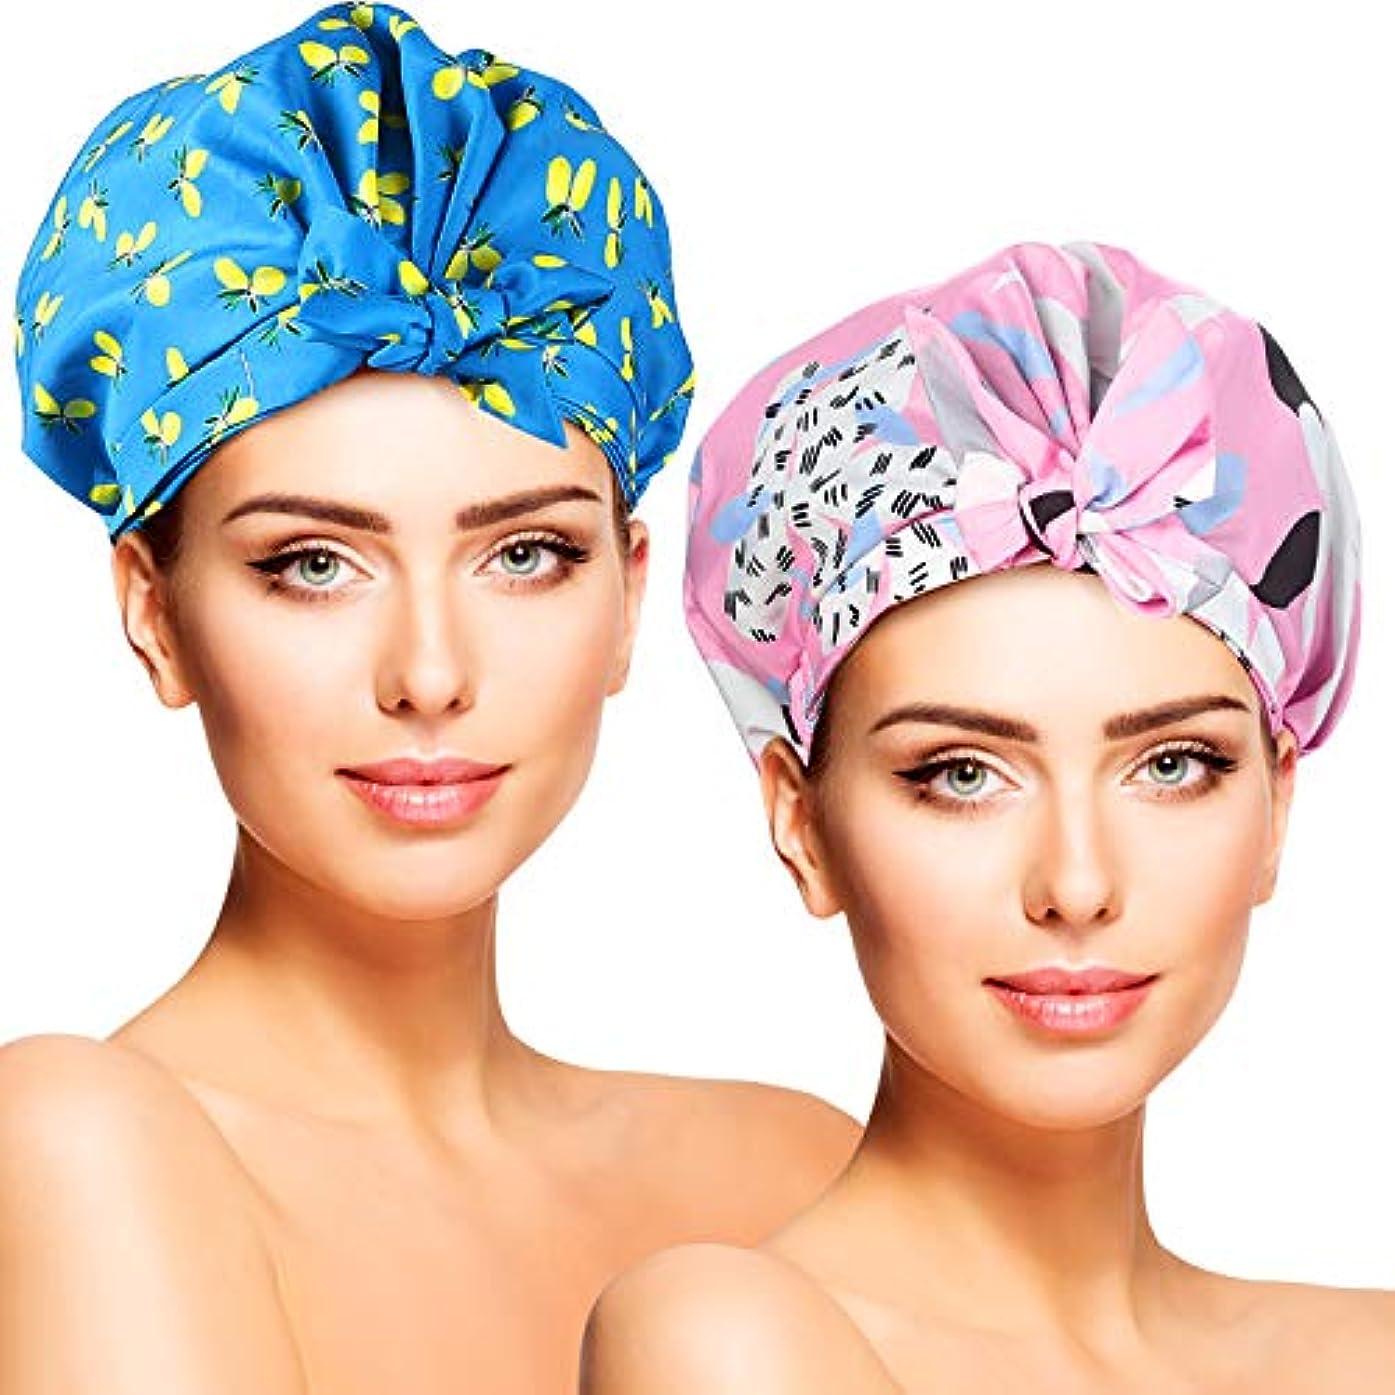 予想外国籍仕えるYISUN シャワーキャップ 2枚セット 二重層防水 耐久性 抗菌性 お風呂 シャワー SPA 調理 洗顔用 多機能 実用性 男女兼用